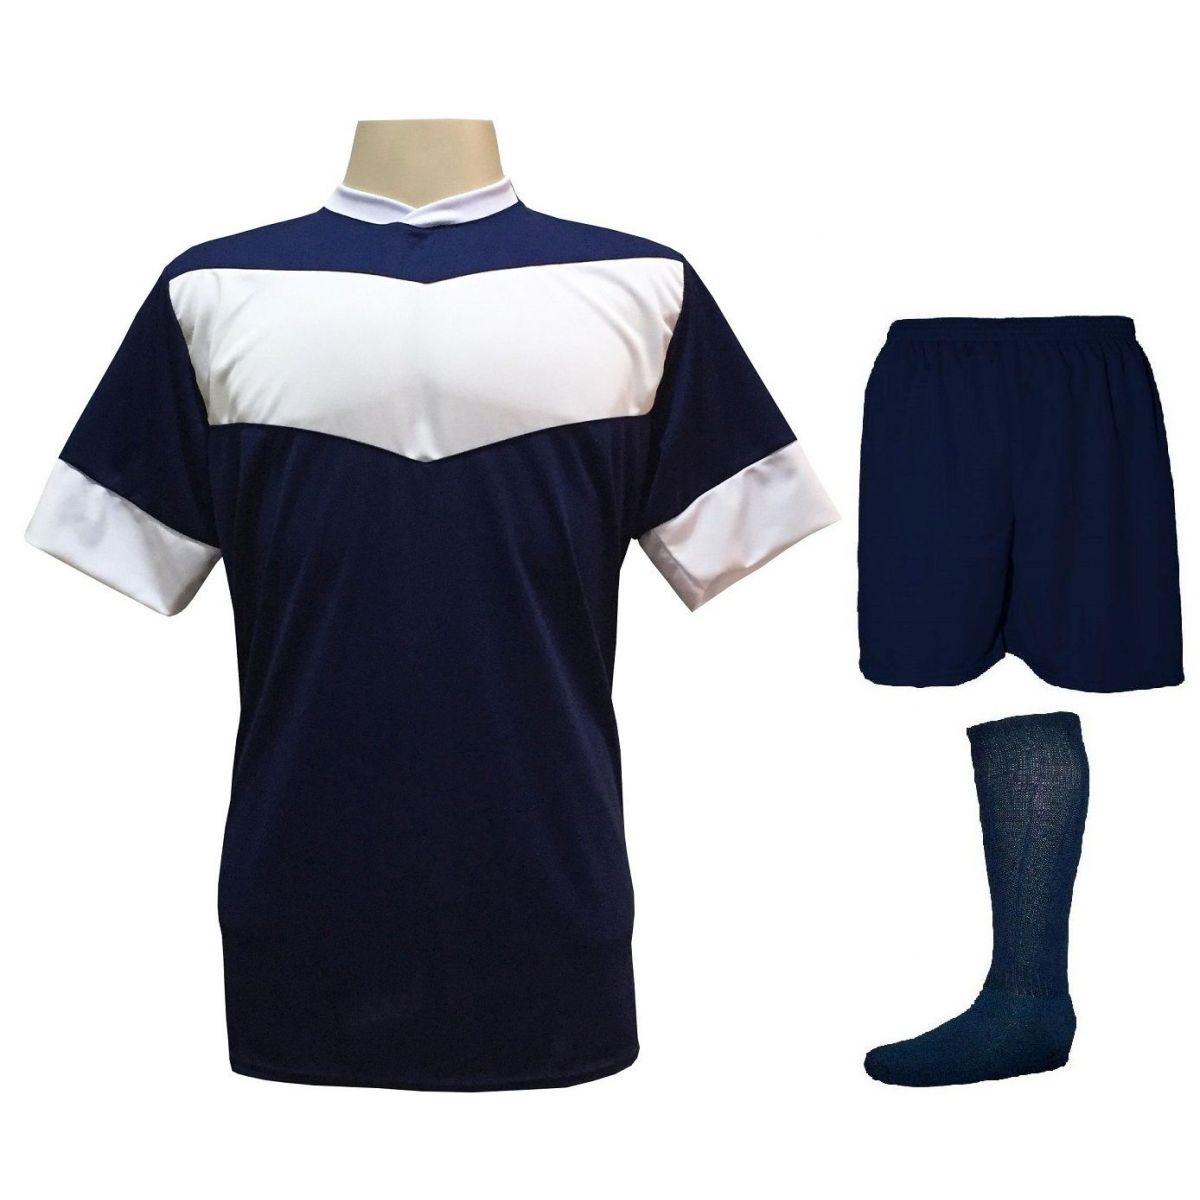 Fardamento Completo Modelo Columbus 18+1 (18 Camisas Marinho/Branco + 18 Calções Madrid Marinho + 18 Pares de Meiões Marinho + 1 Conjunto de Goleiro) + Brindes